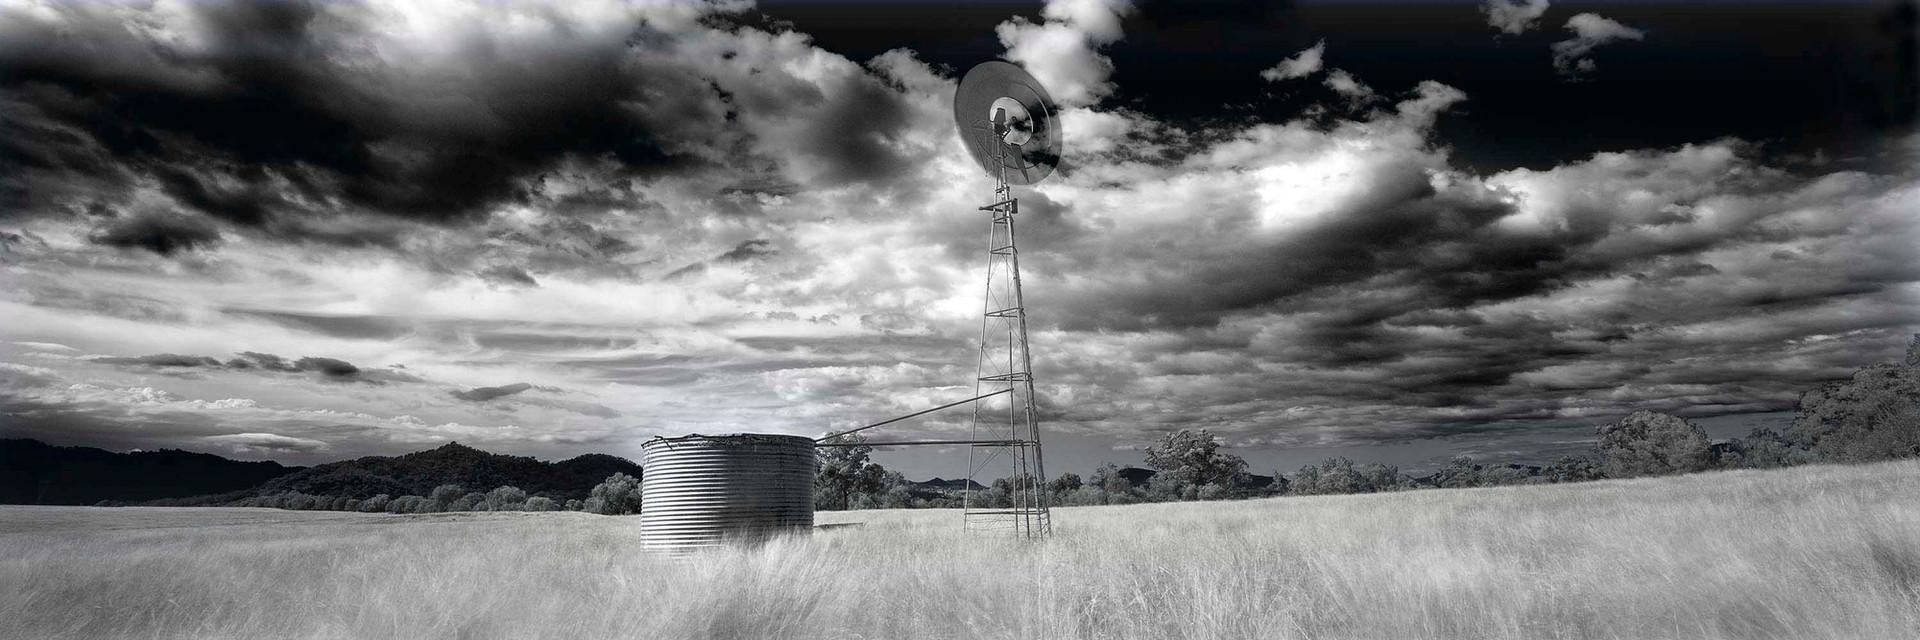 Hunter Valley Windmill.jpg